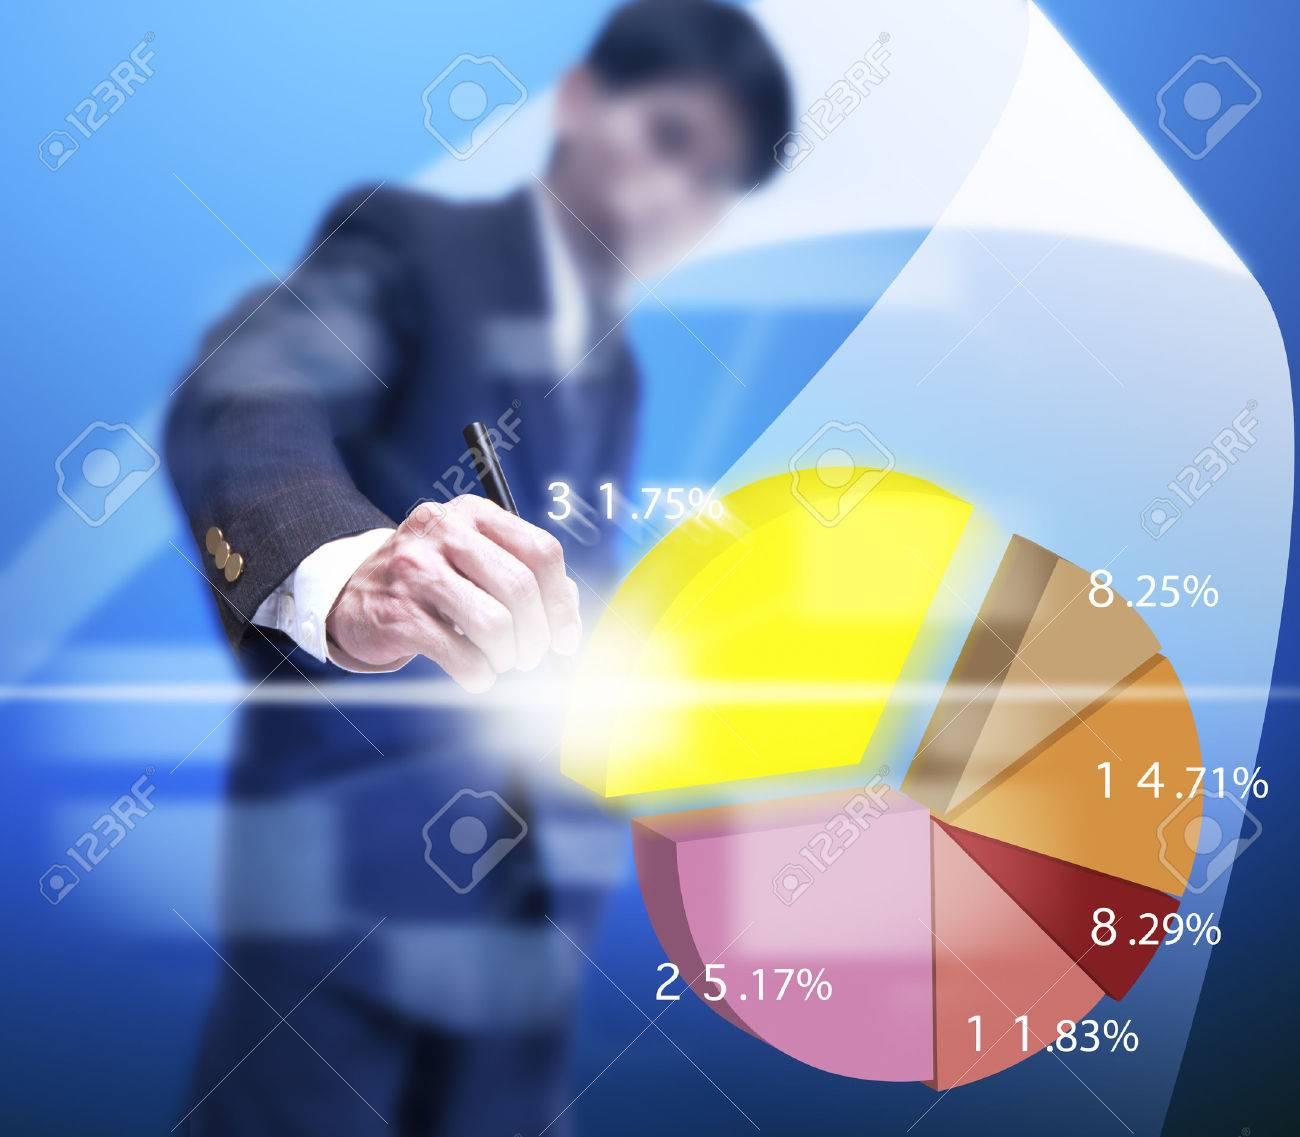 businessman pick up a part of virtual graph. Standard-Bild - 25151463